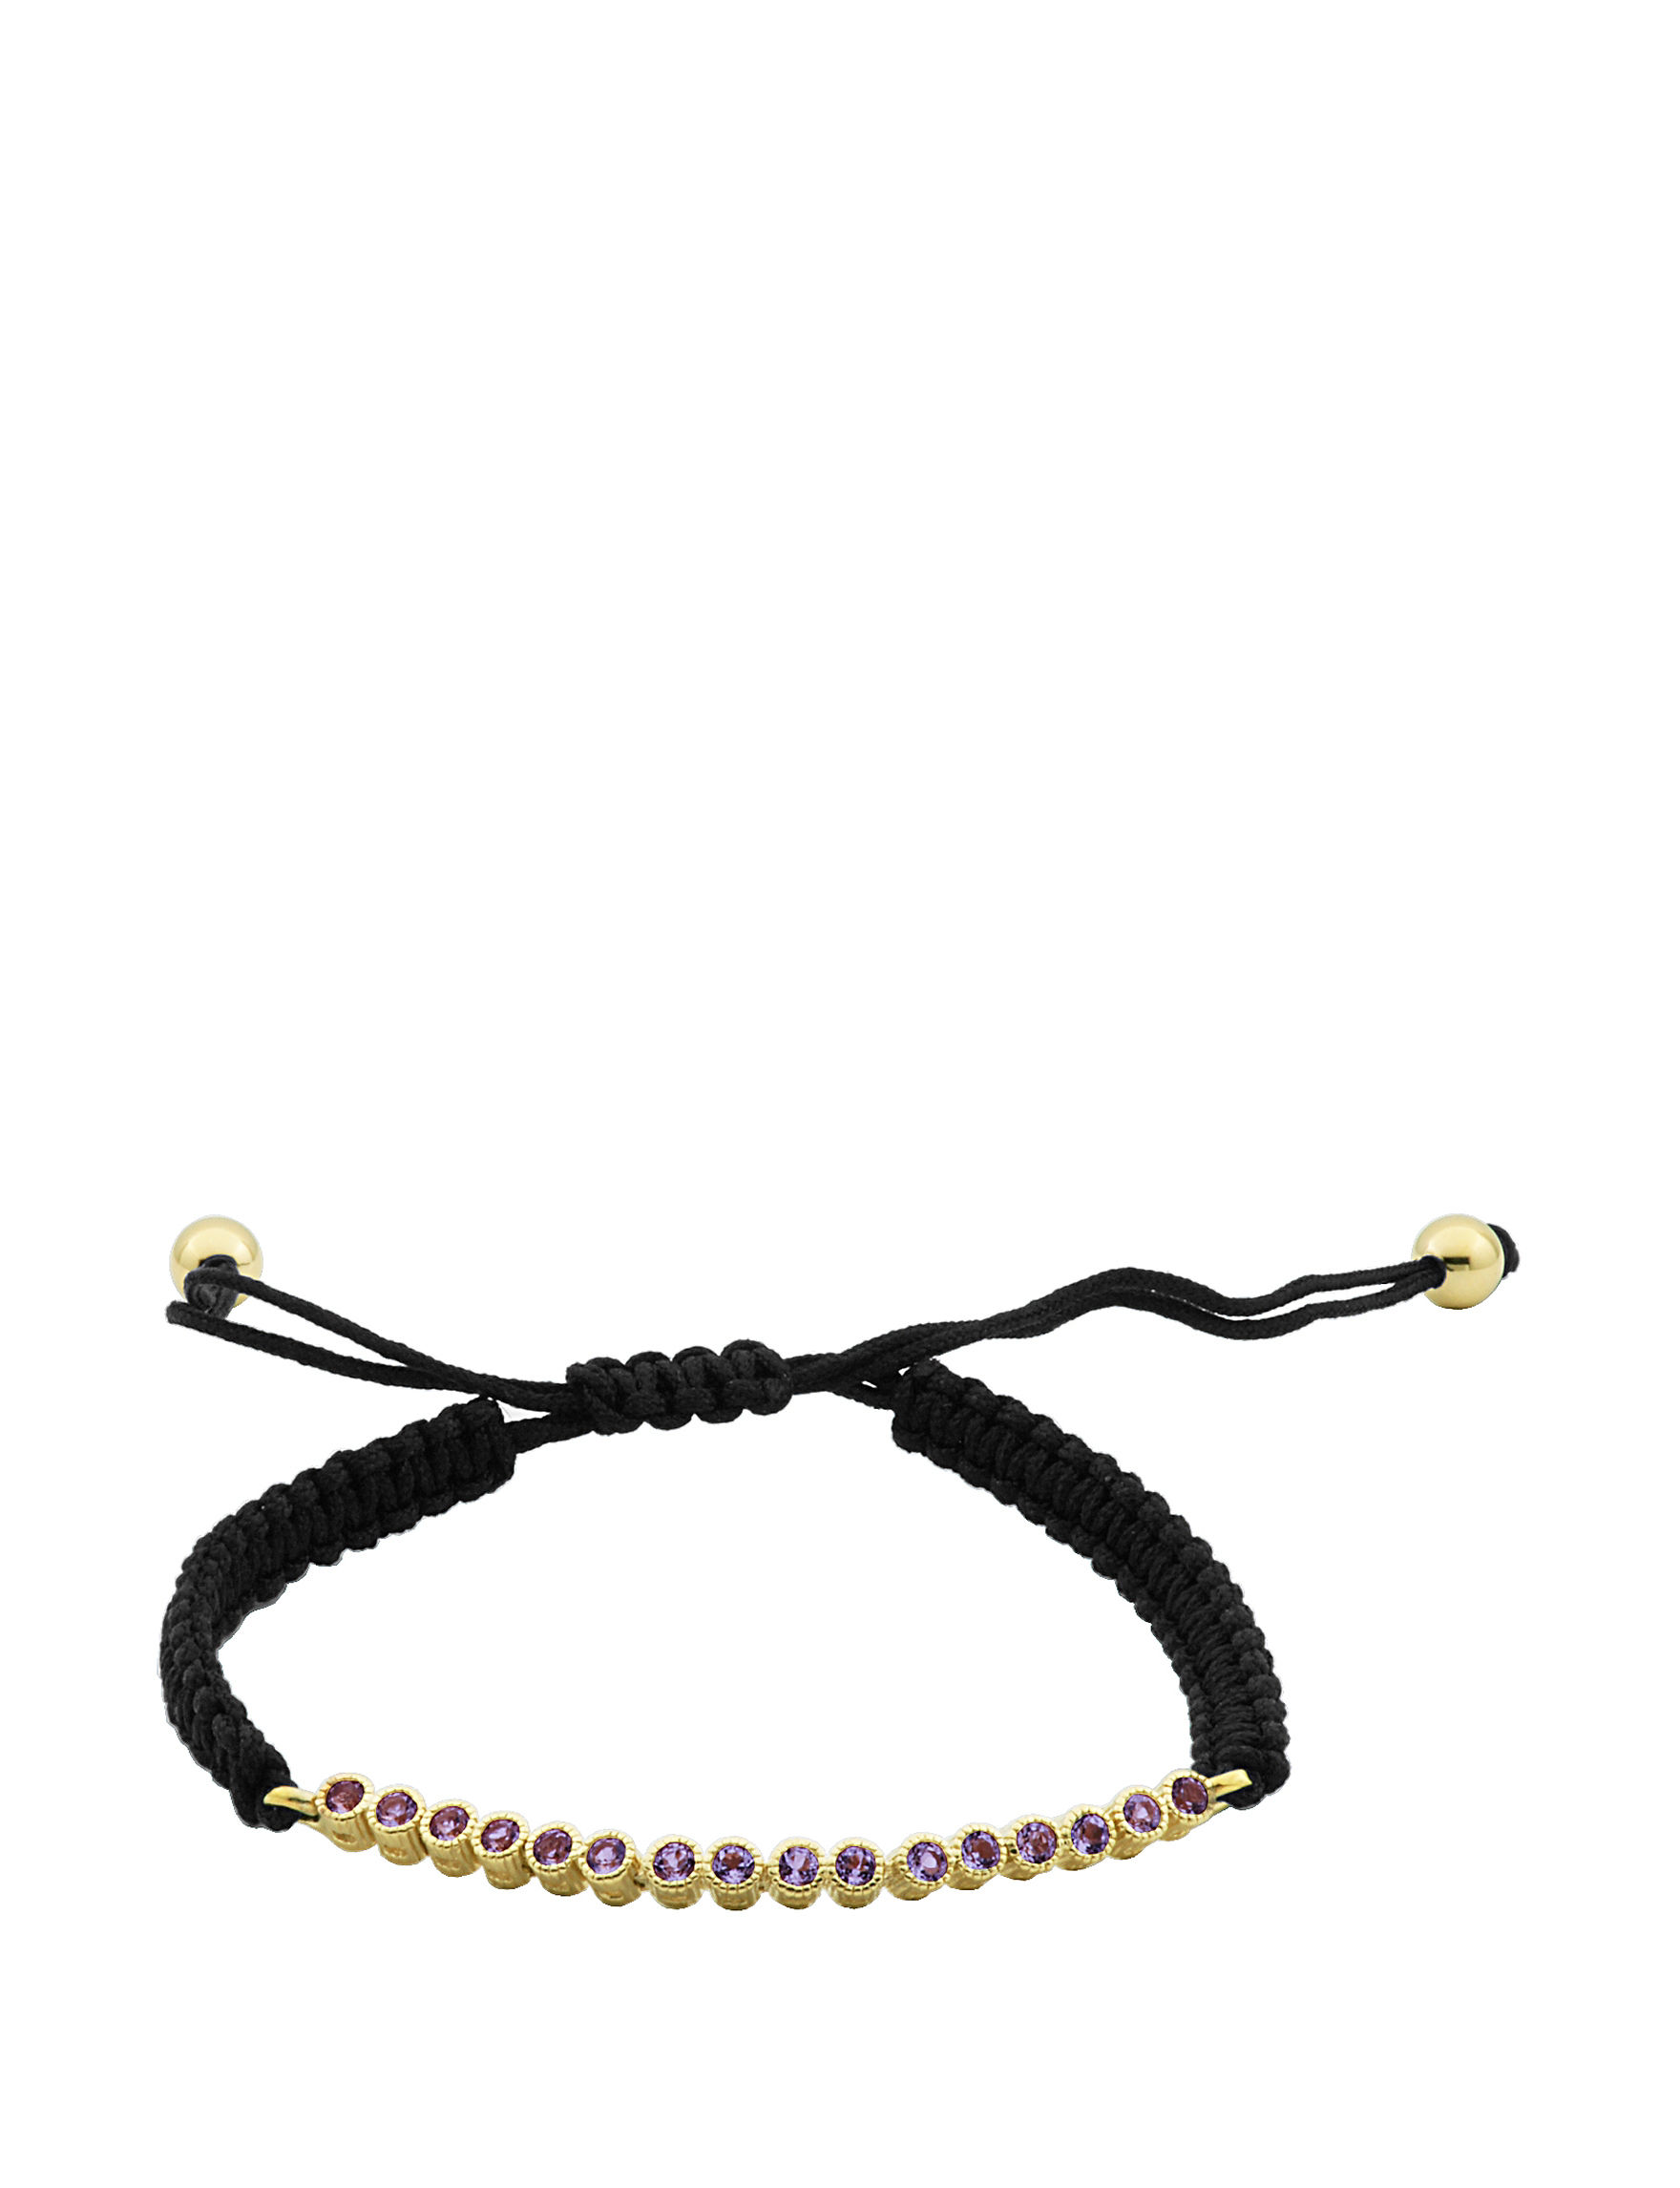 PAJ INC. Gold Bracelets Fine Jewelry